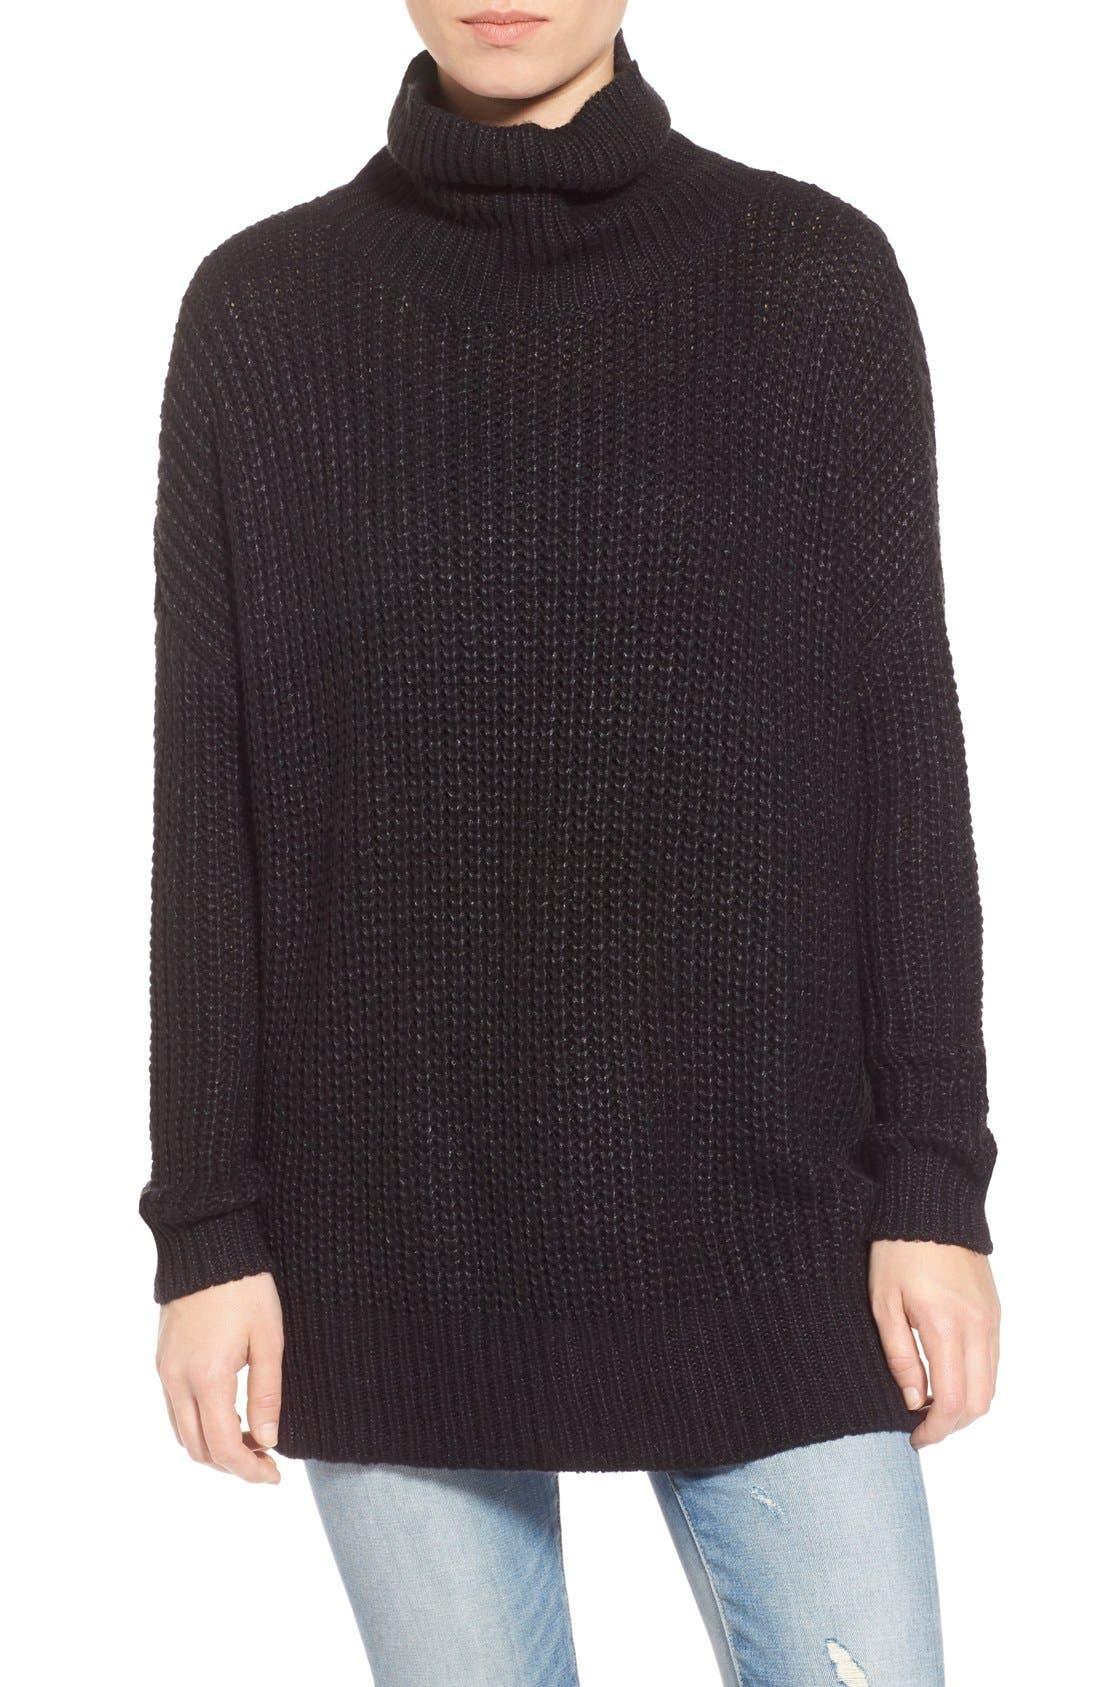 Oversize Turtleneck Sweater, Main, color, 001